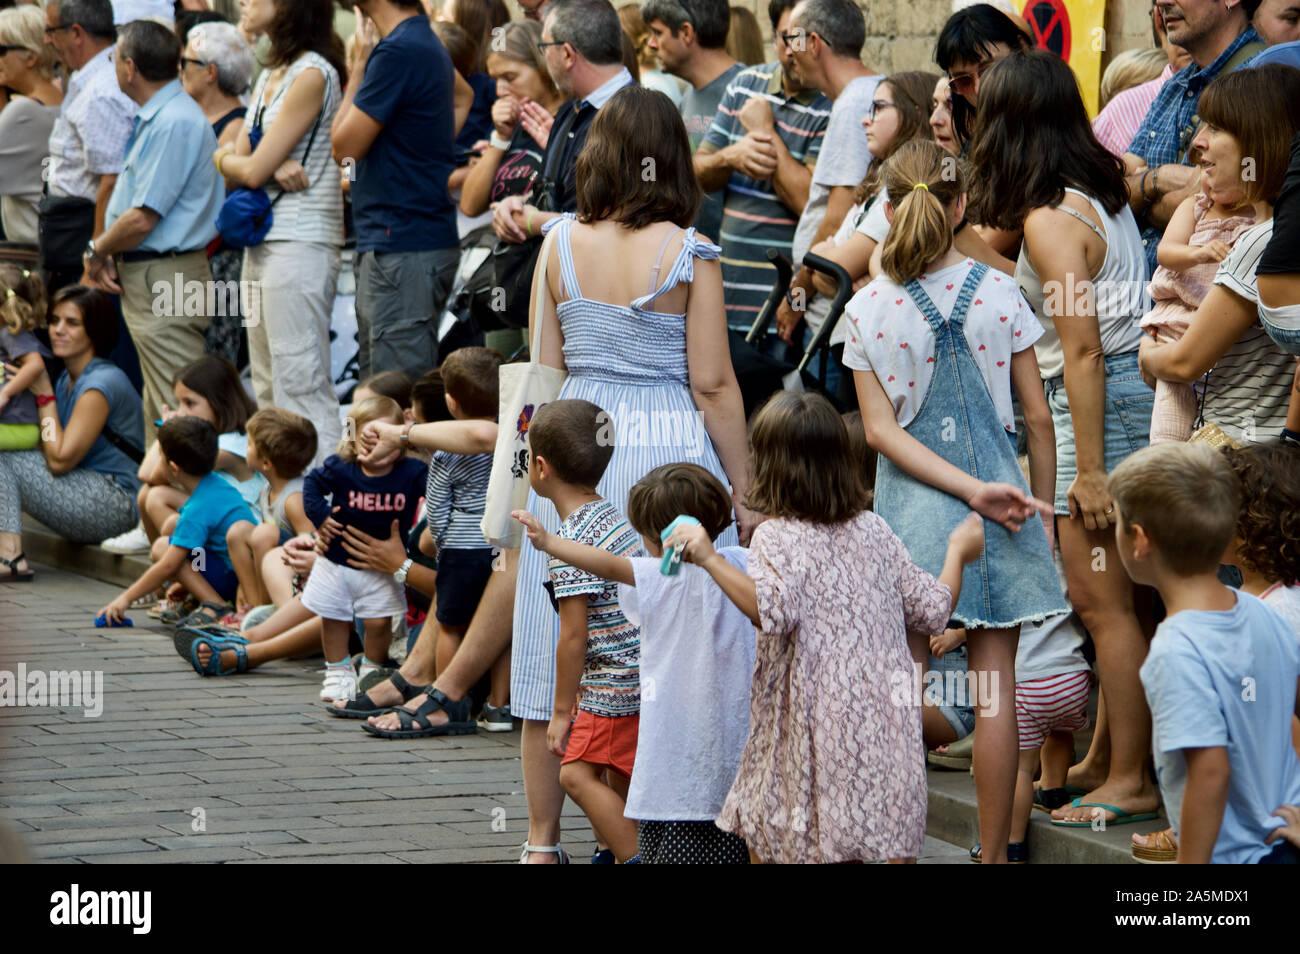 Kinder beobachten die Riesen Parade während La Merce Festival 2019 am Placa de Sant Jaume in Barcelona, Spanien Stockfoto